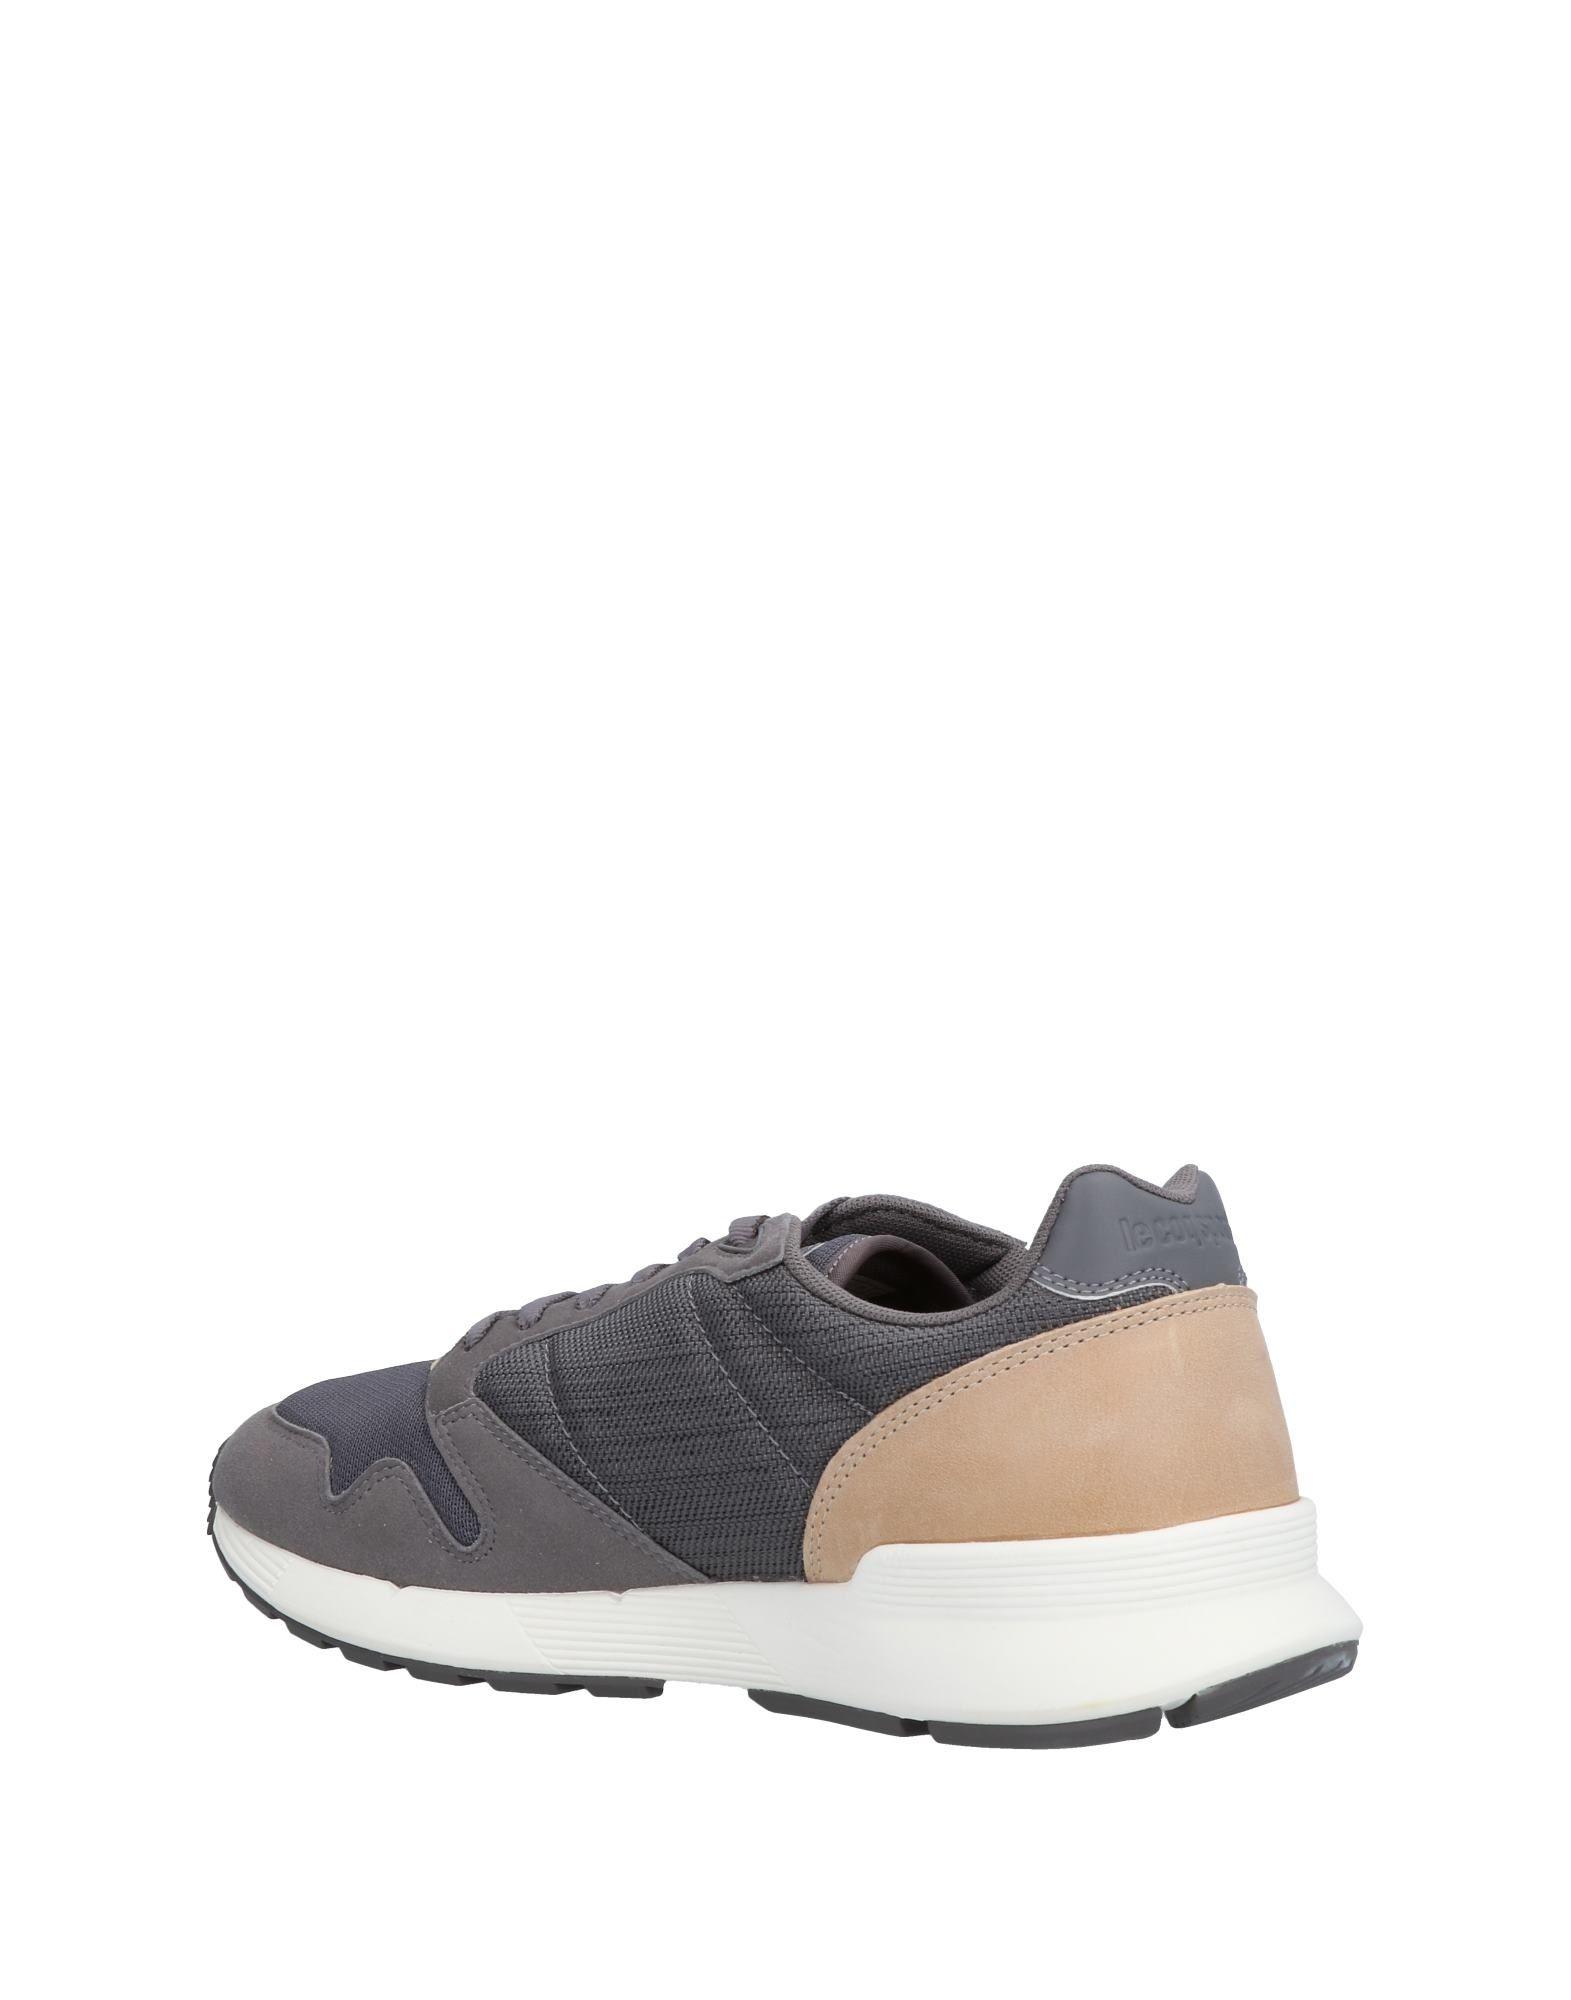 Rabatt echte Sneakers Schuhe Le Coq Sportif Sneakers echte Herren  11497392VO 11f032